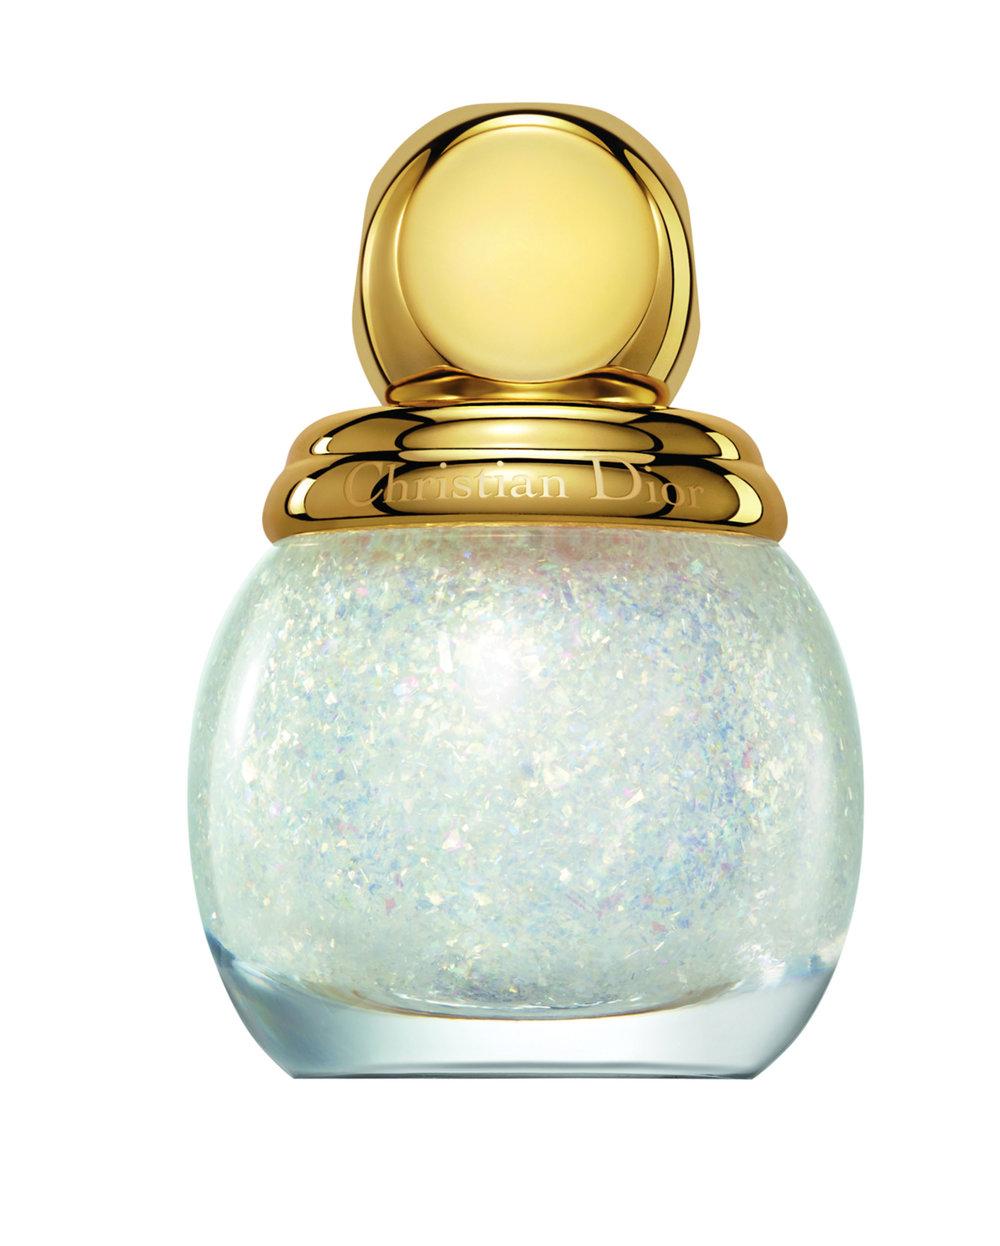 7. Dior 指甲油 $34, dior.com